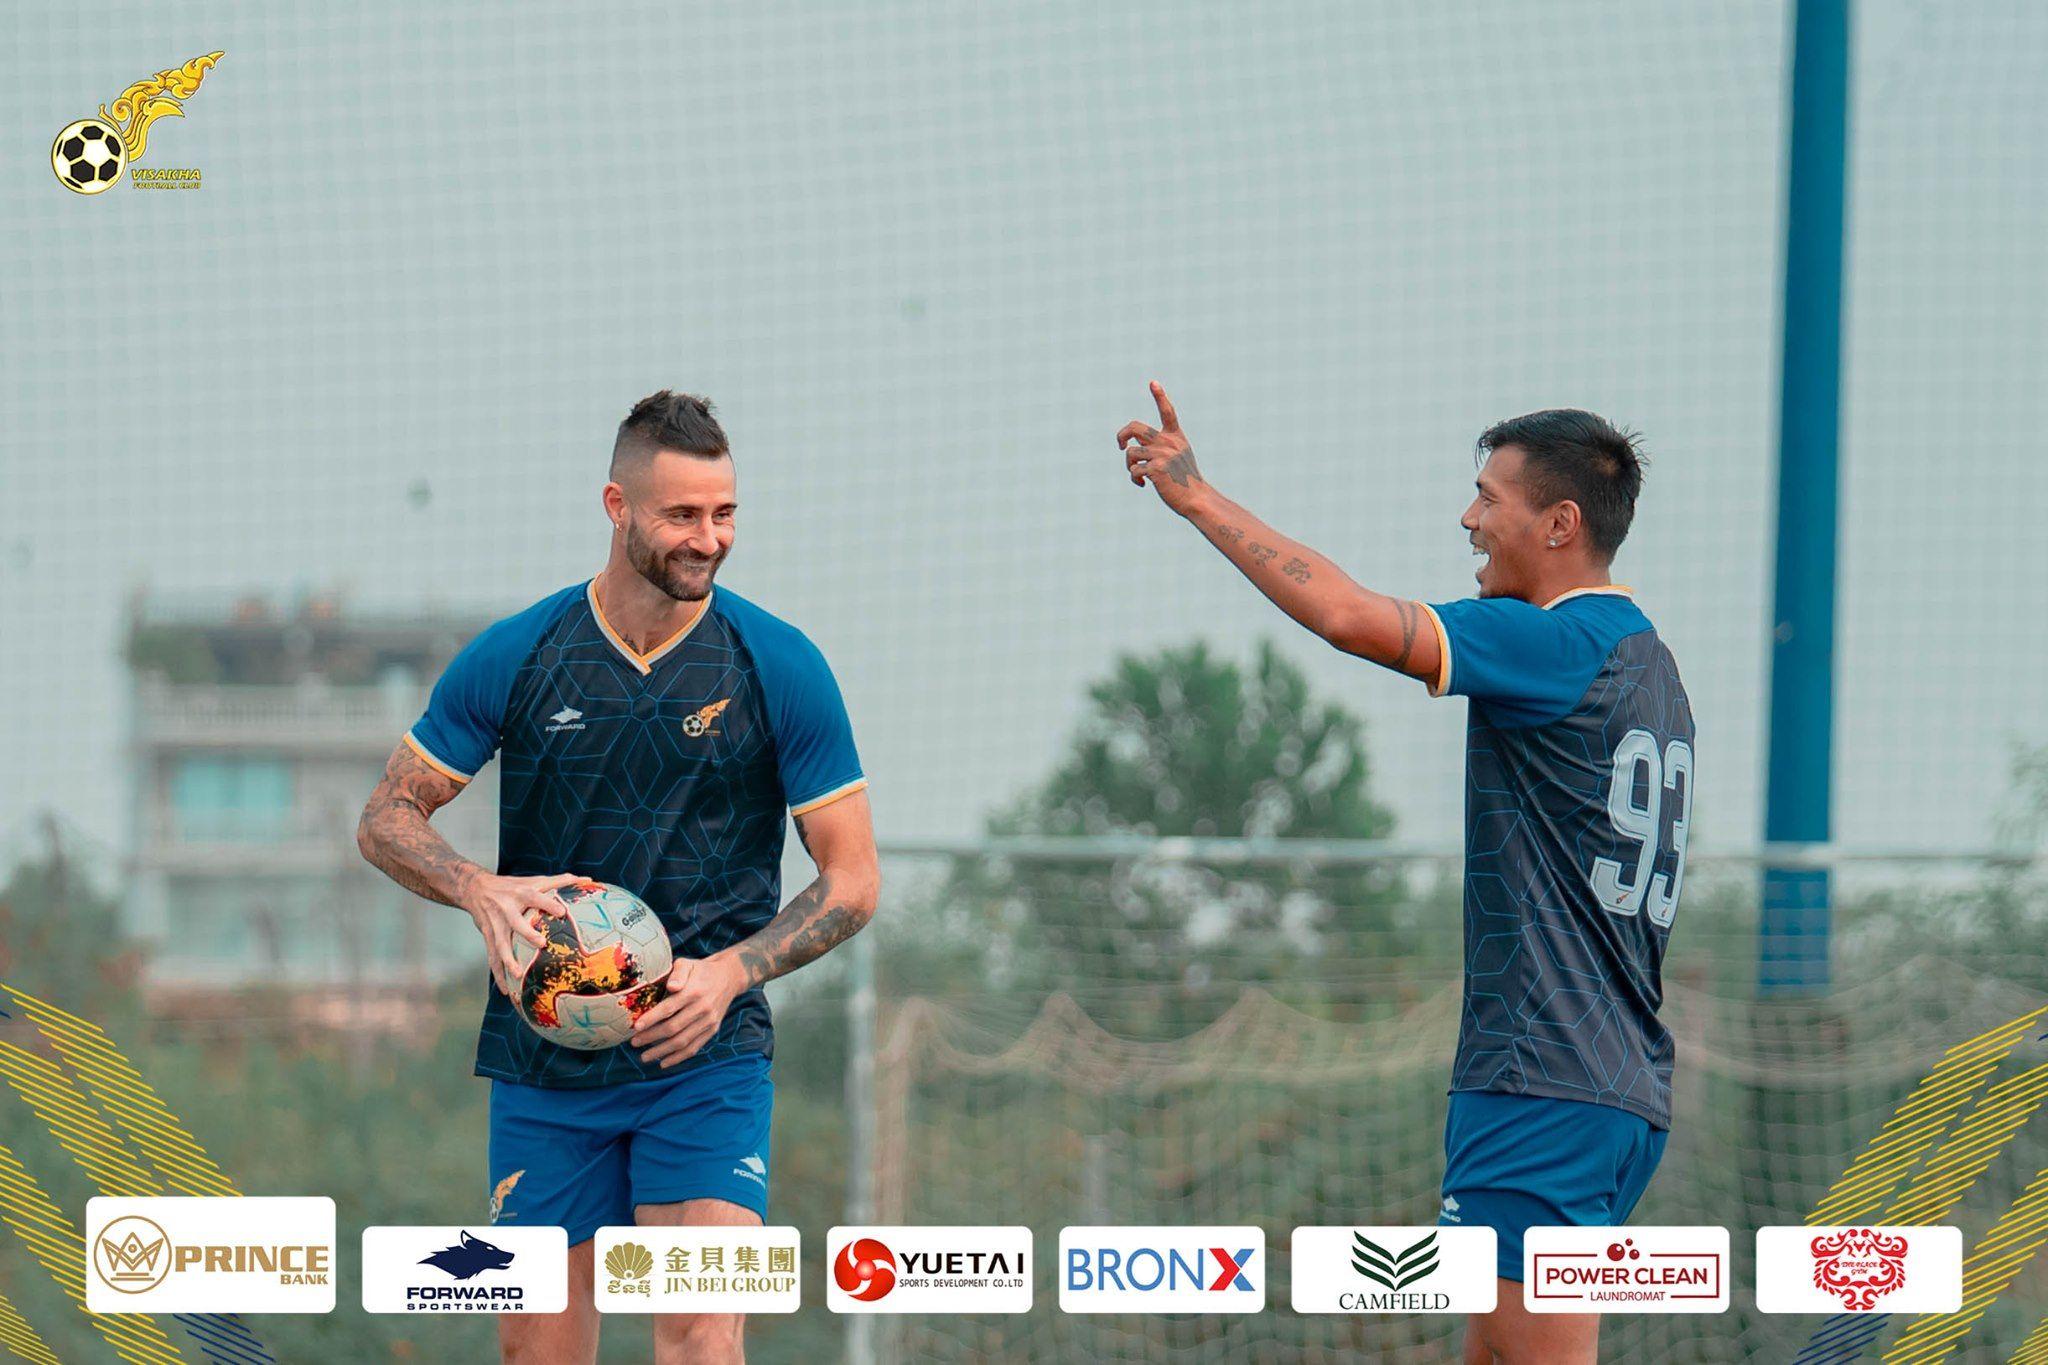 Marcus Haber, eks-striker yang sempat dikontrak klub Premier League, dalam sesi latihan bersama tim Liga Kamboja, Visakha FC pada 19 Januari 2021.